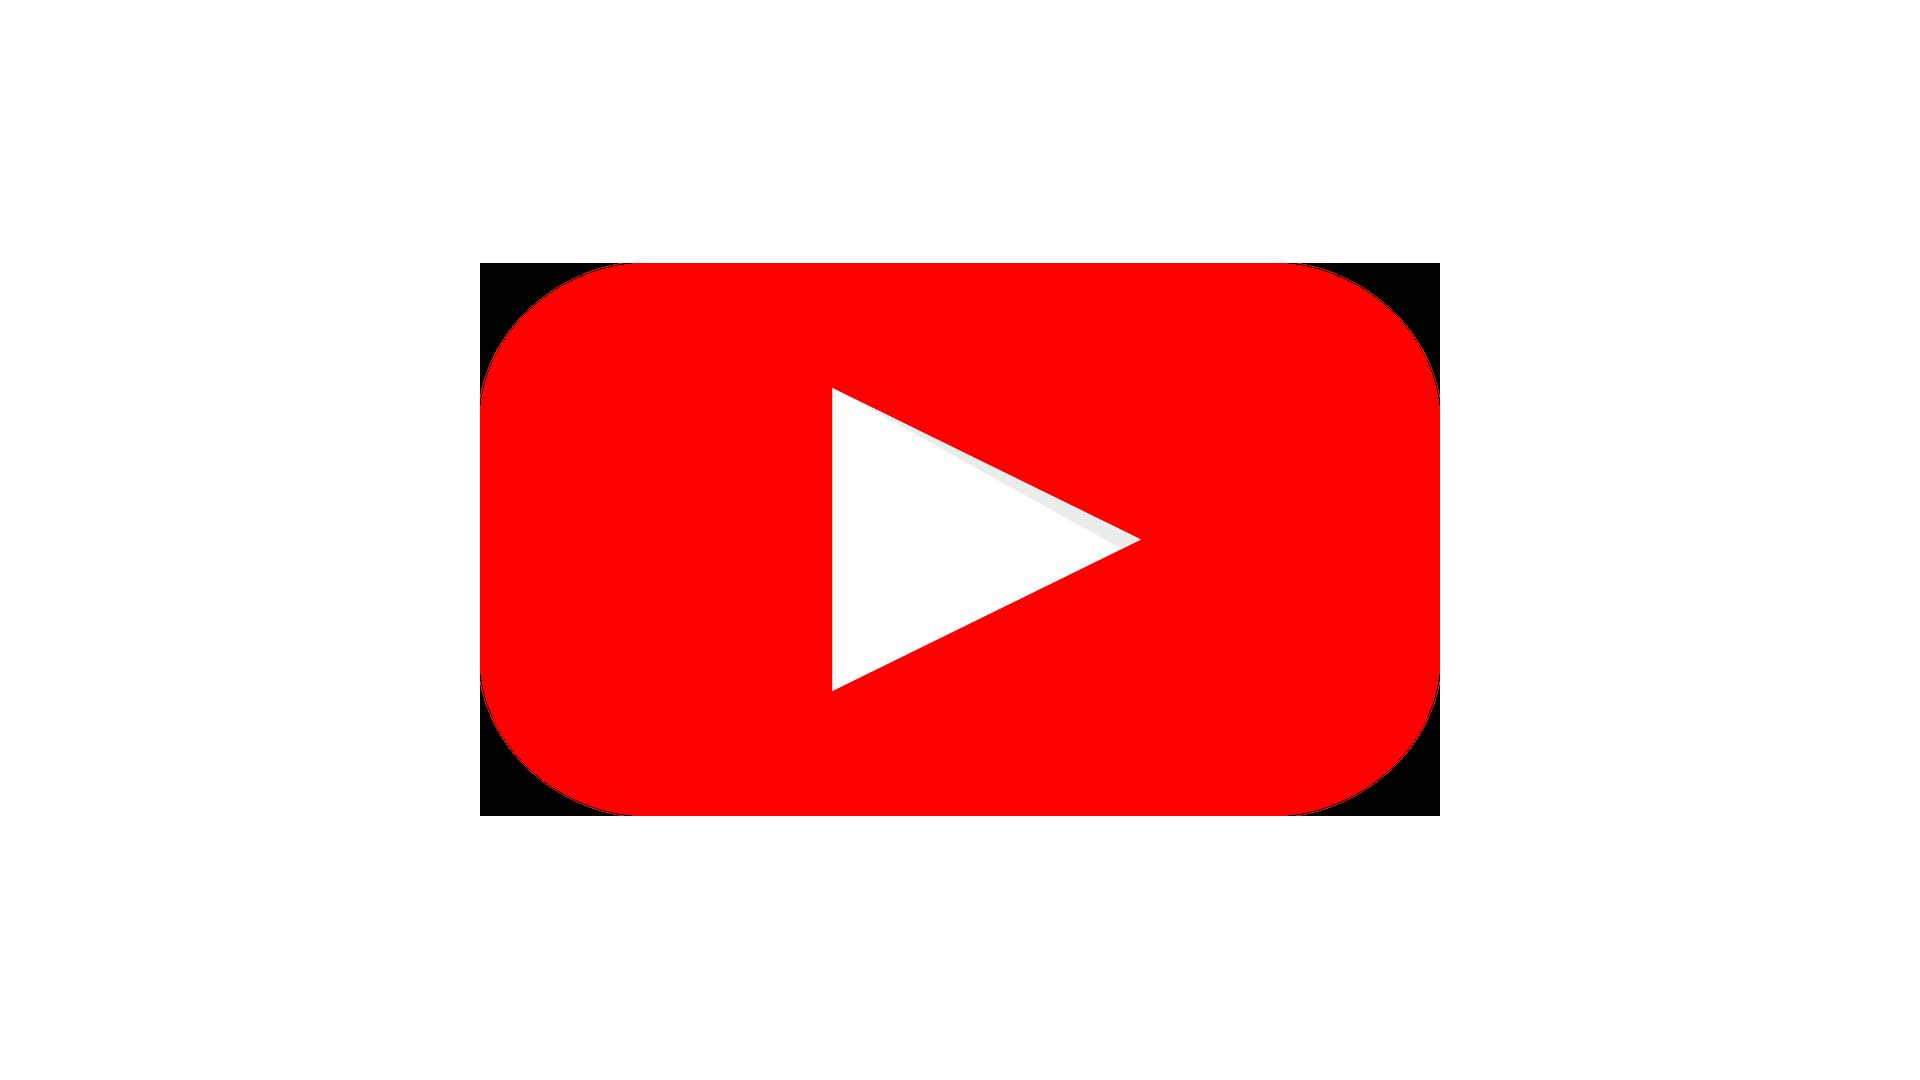 視聴回数が10,000回未満のYouTubeチャンネルは広告表示がなしに、「YouTubeパートナー プログラム(YPP)」の内容が変更